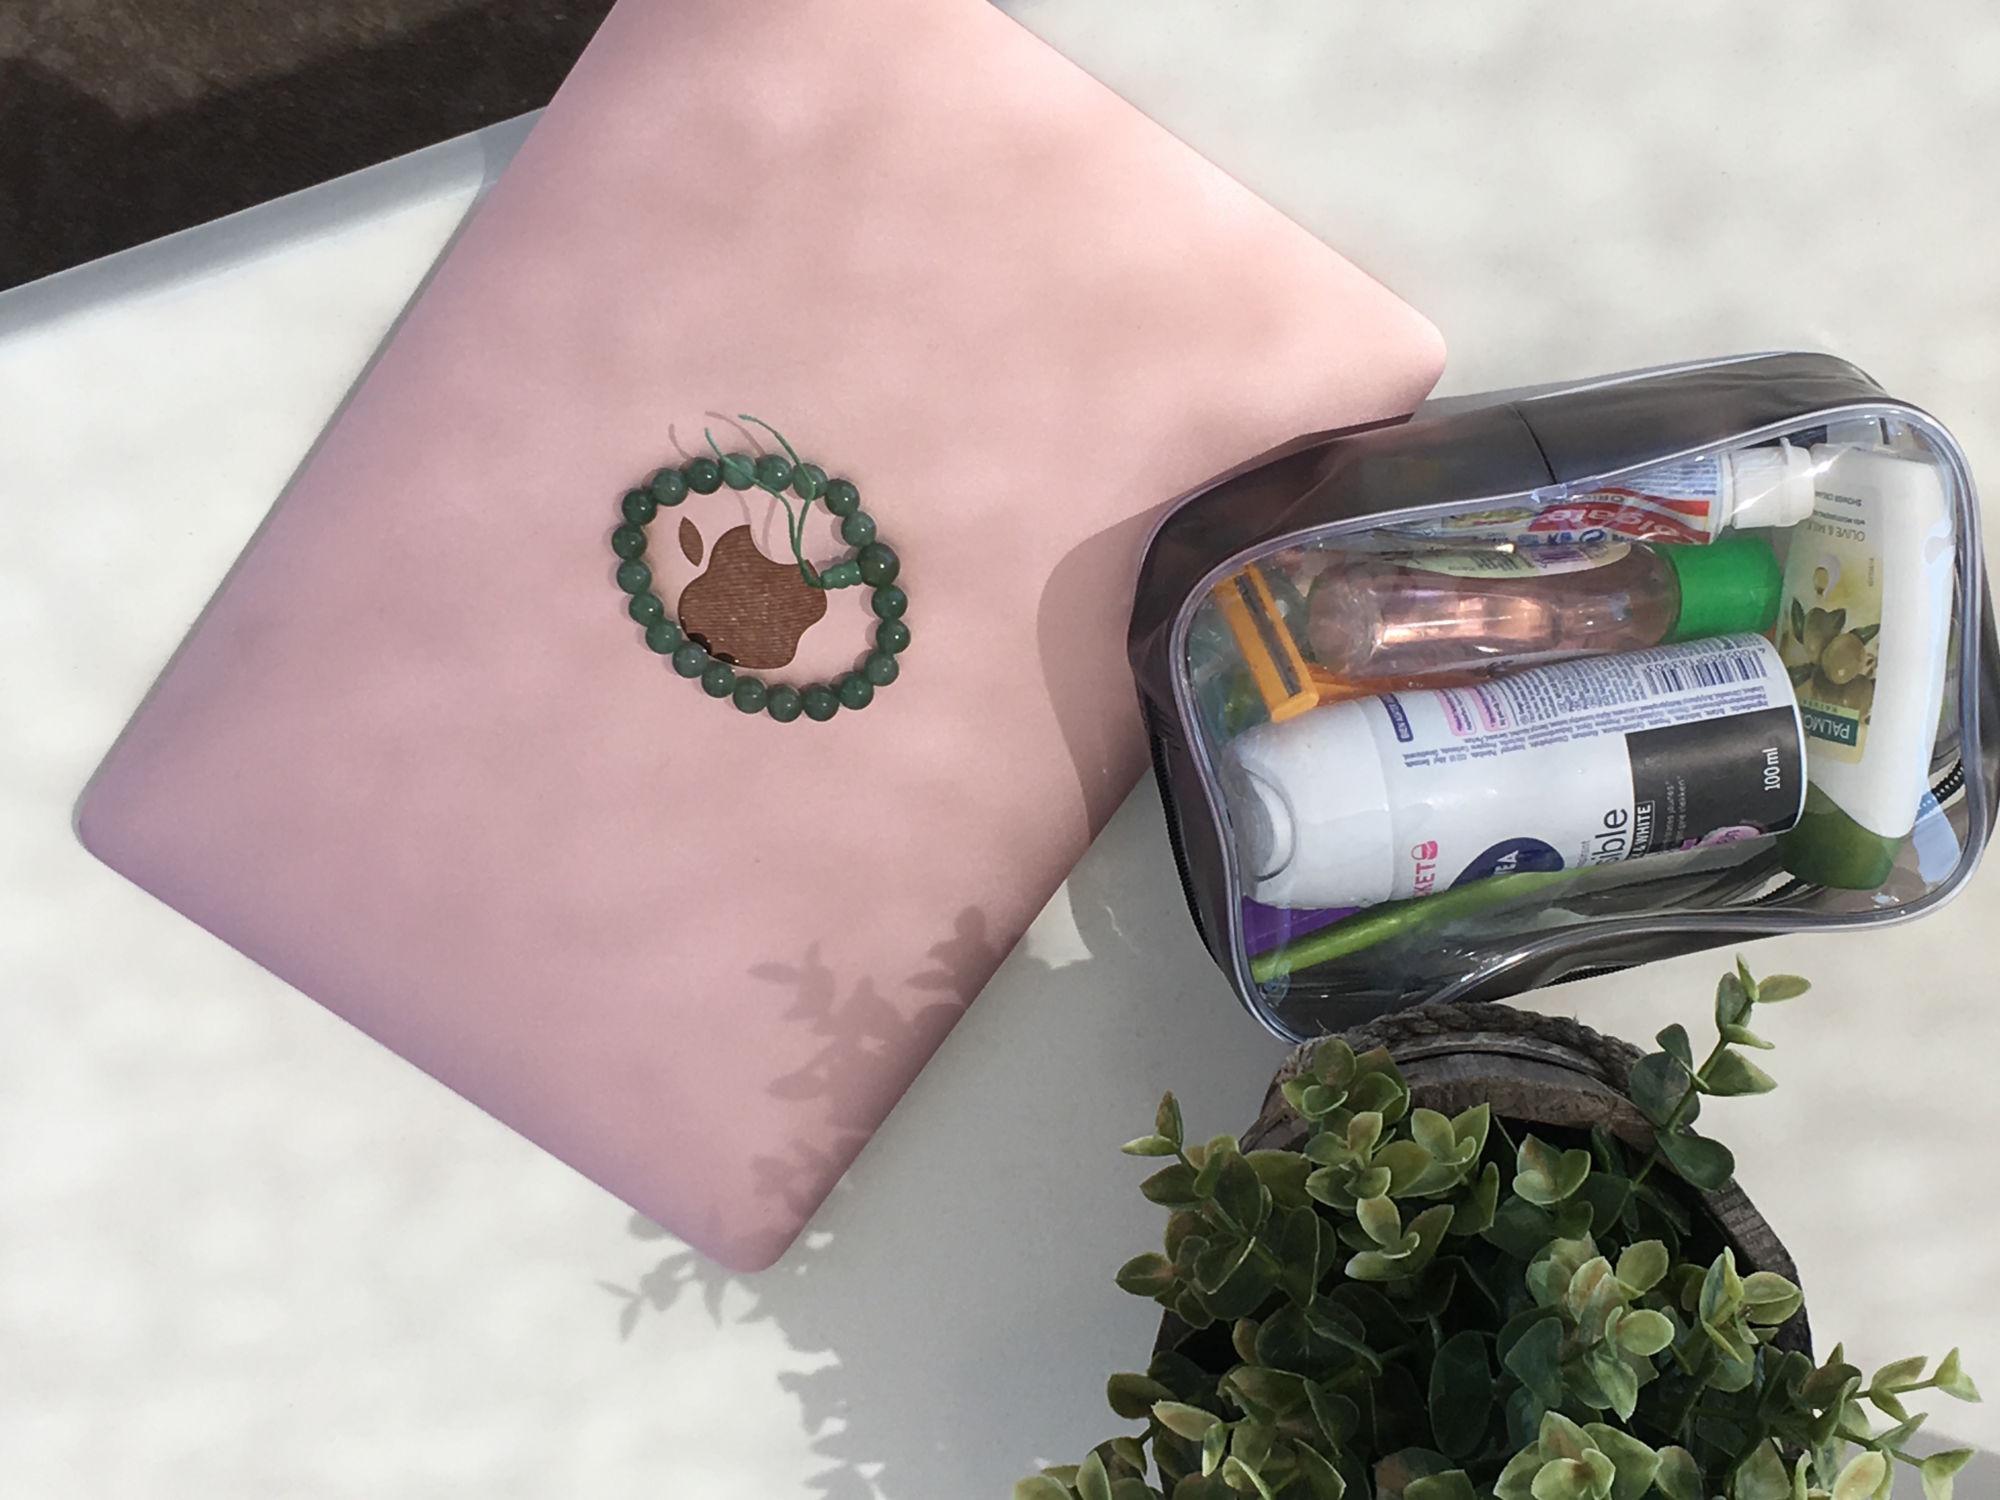 Jak se sbalit do příručního zavazadla? - s kosmetikou